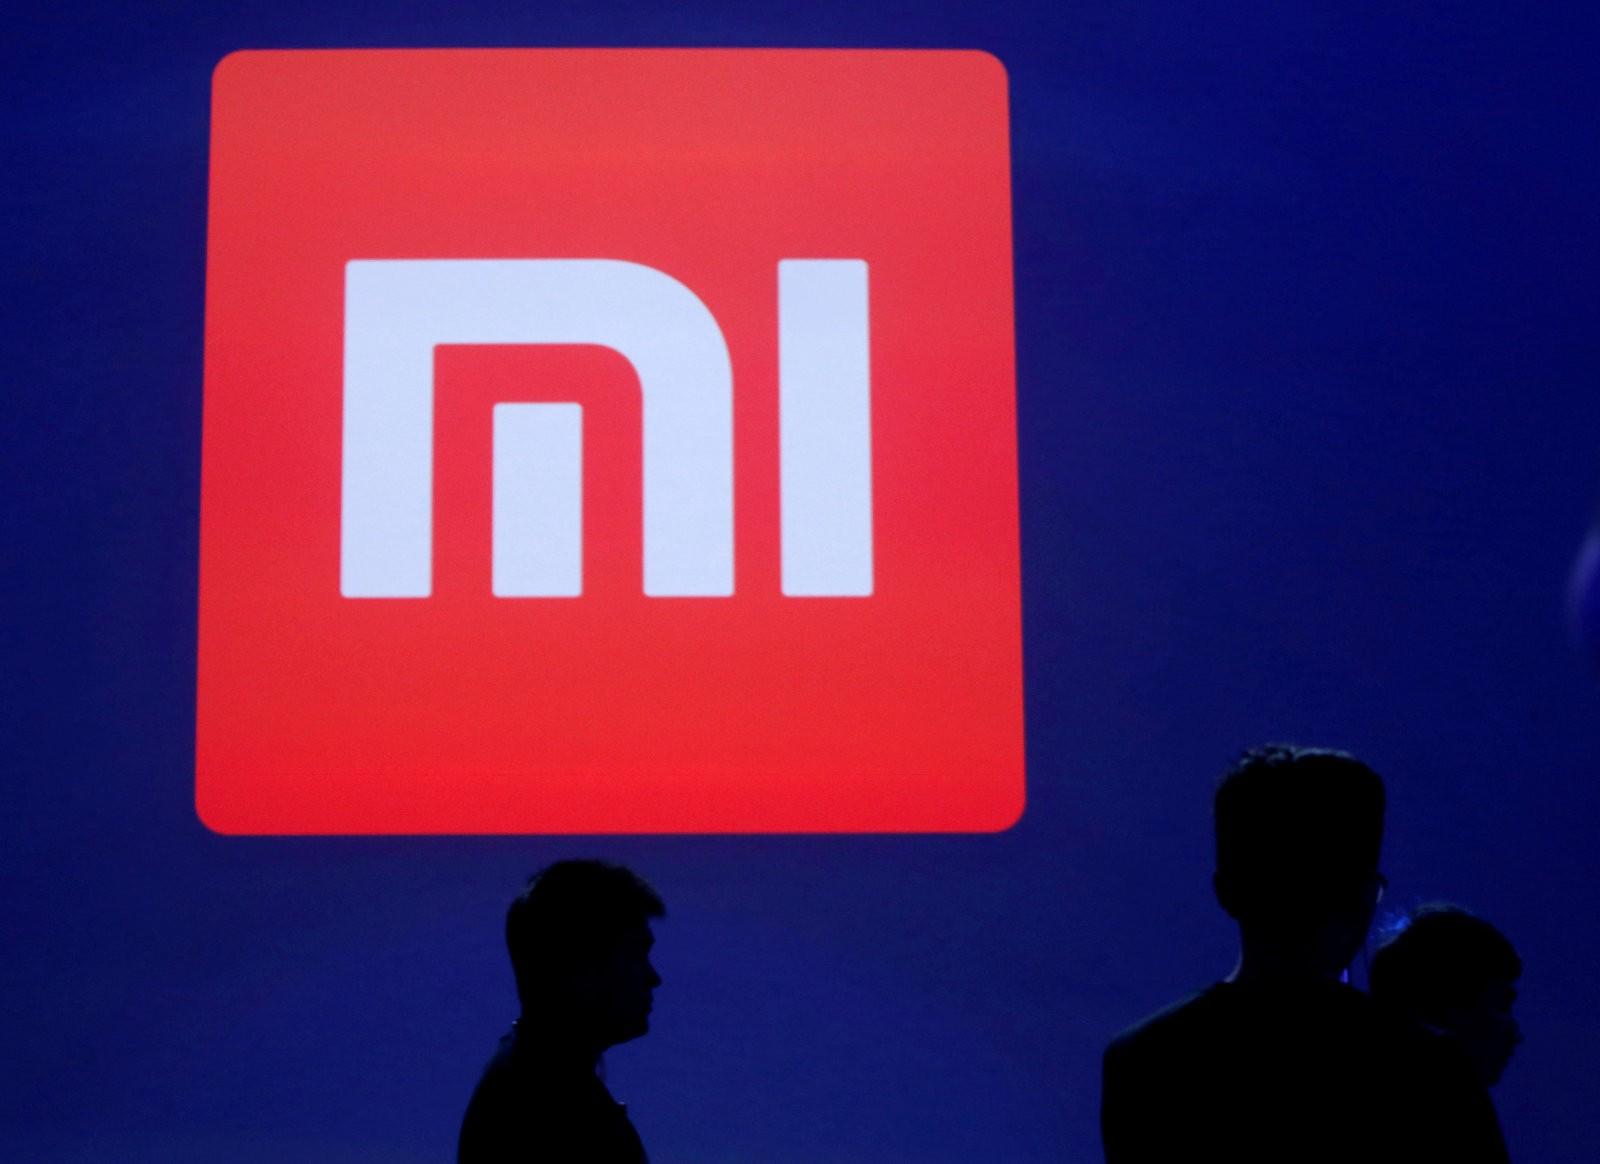 Xiaomi đang tự phát triển chip xử lý để giảm phụ thuộc vào Qualcomm